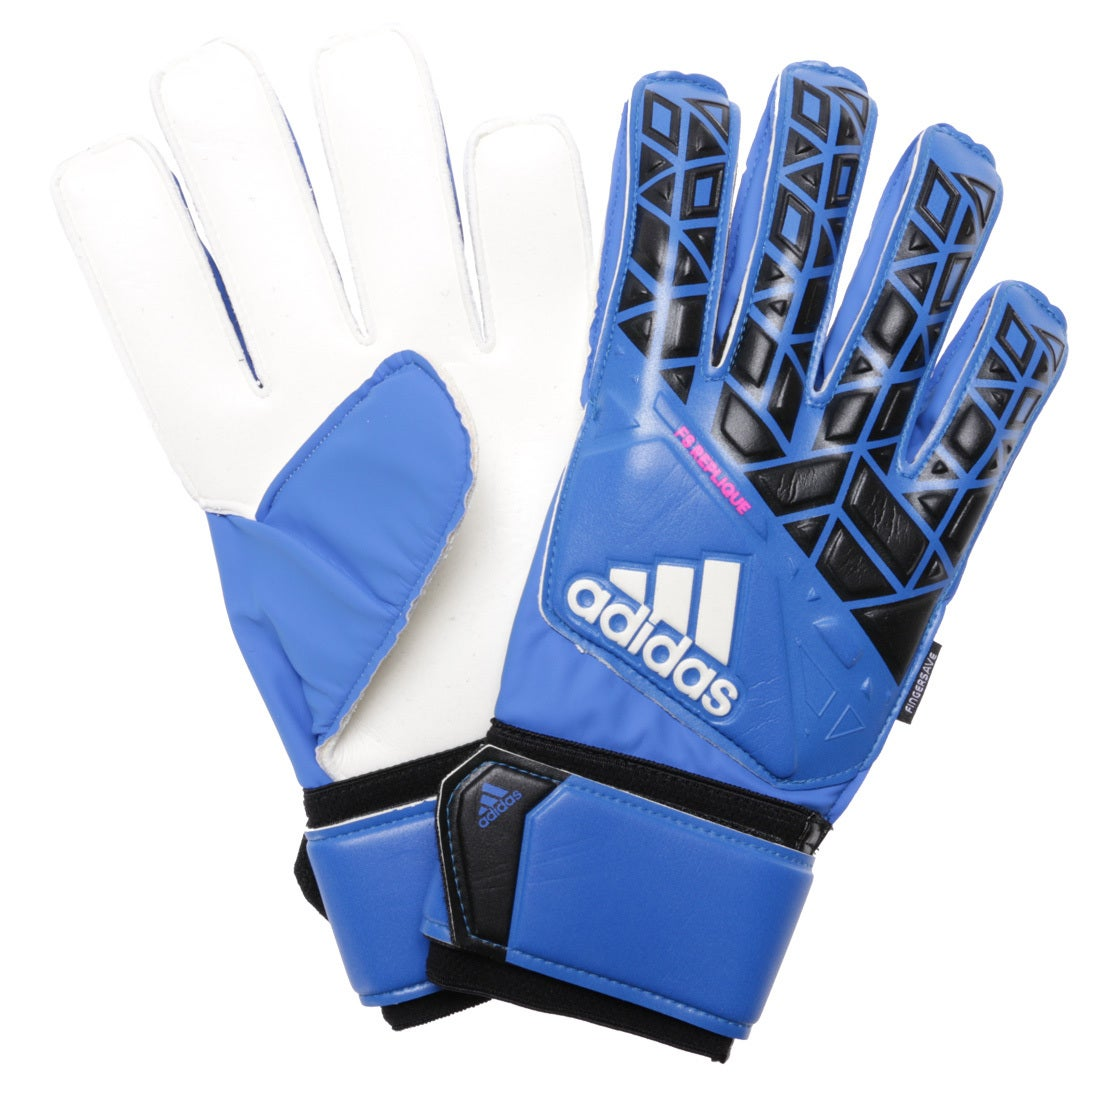 【SALE 40%OFF】アディダス adidas ユニセックス サッカー/フットサル キーパーグローブ ACE フィンガーセーブレプリカ AZ3685